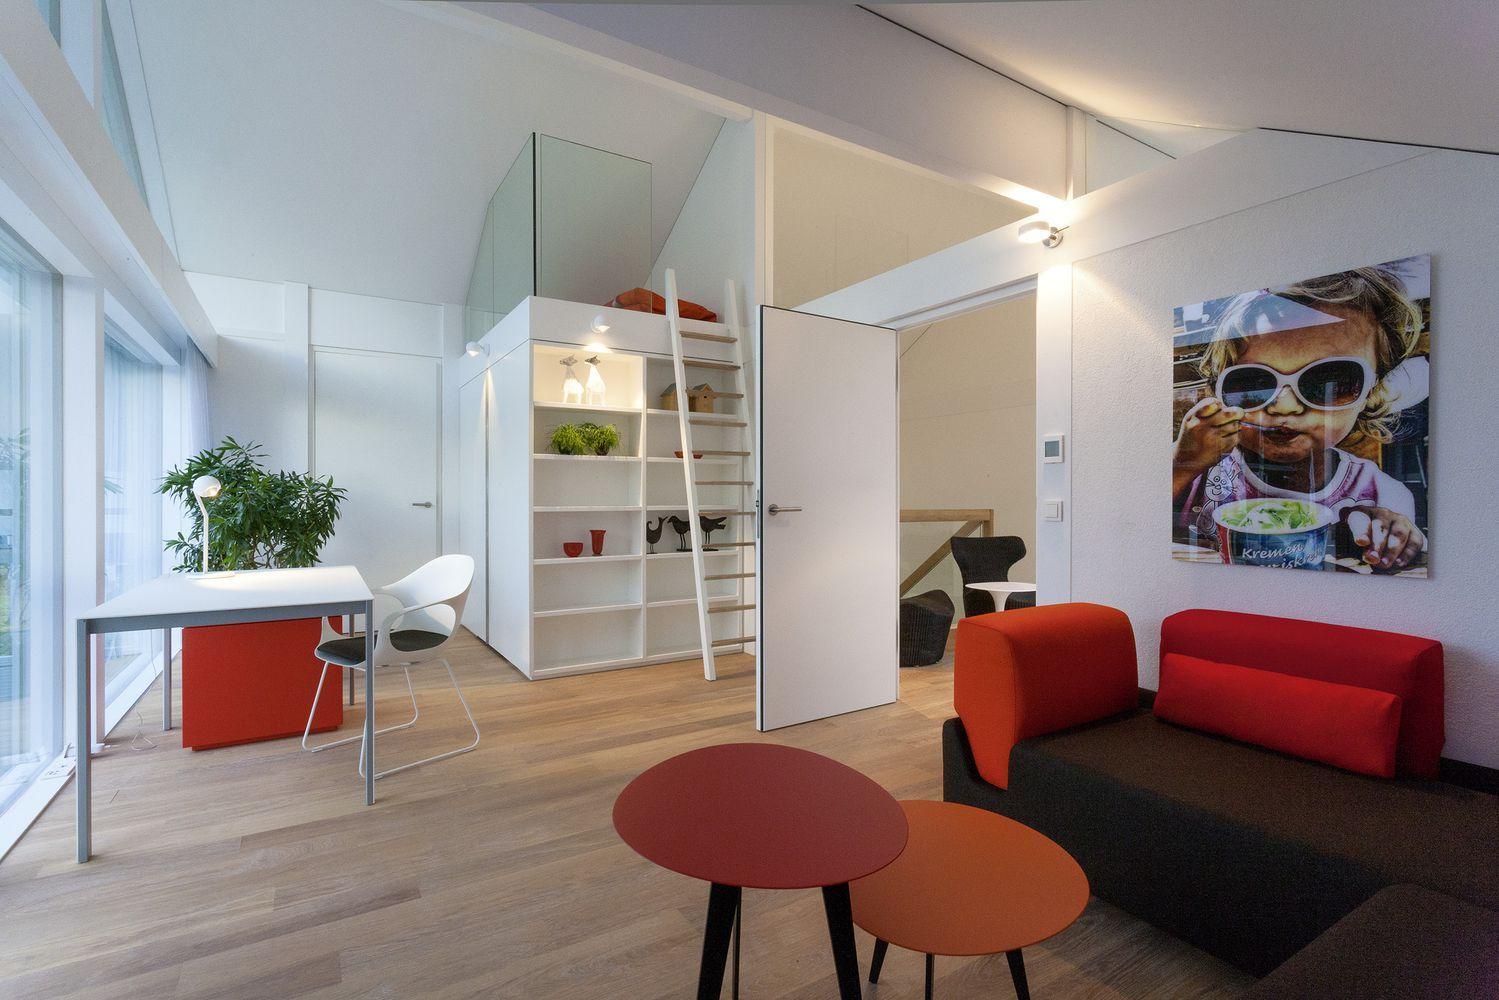 HUF Musterhaus modernes Kinderzimmer in Fachwerkhaus | Huf Haus ...